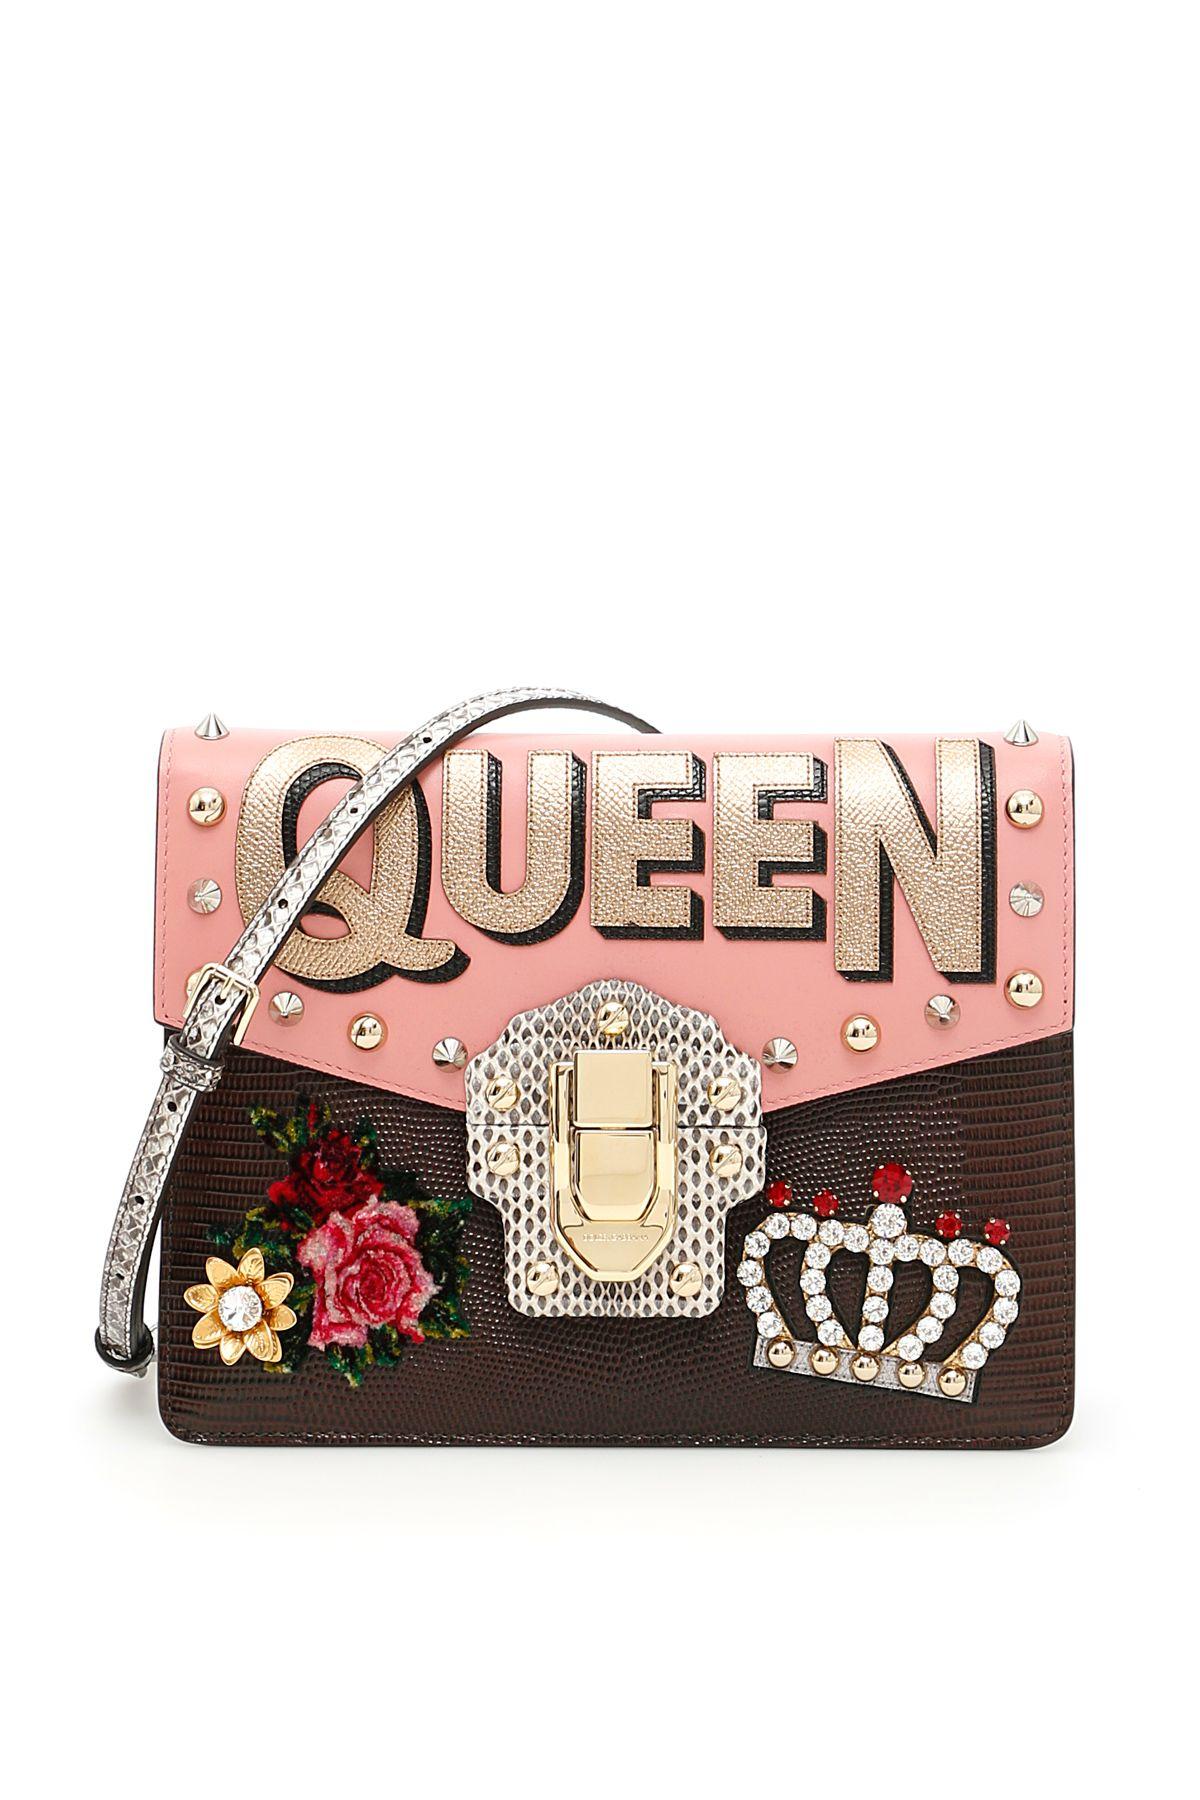 Queen Of Love Lucia Shoulder Bag